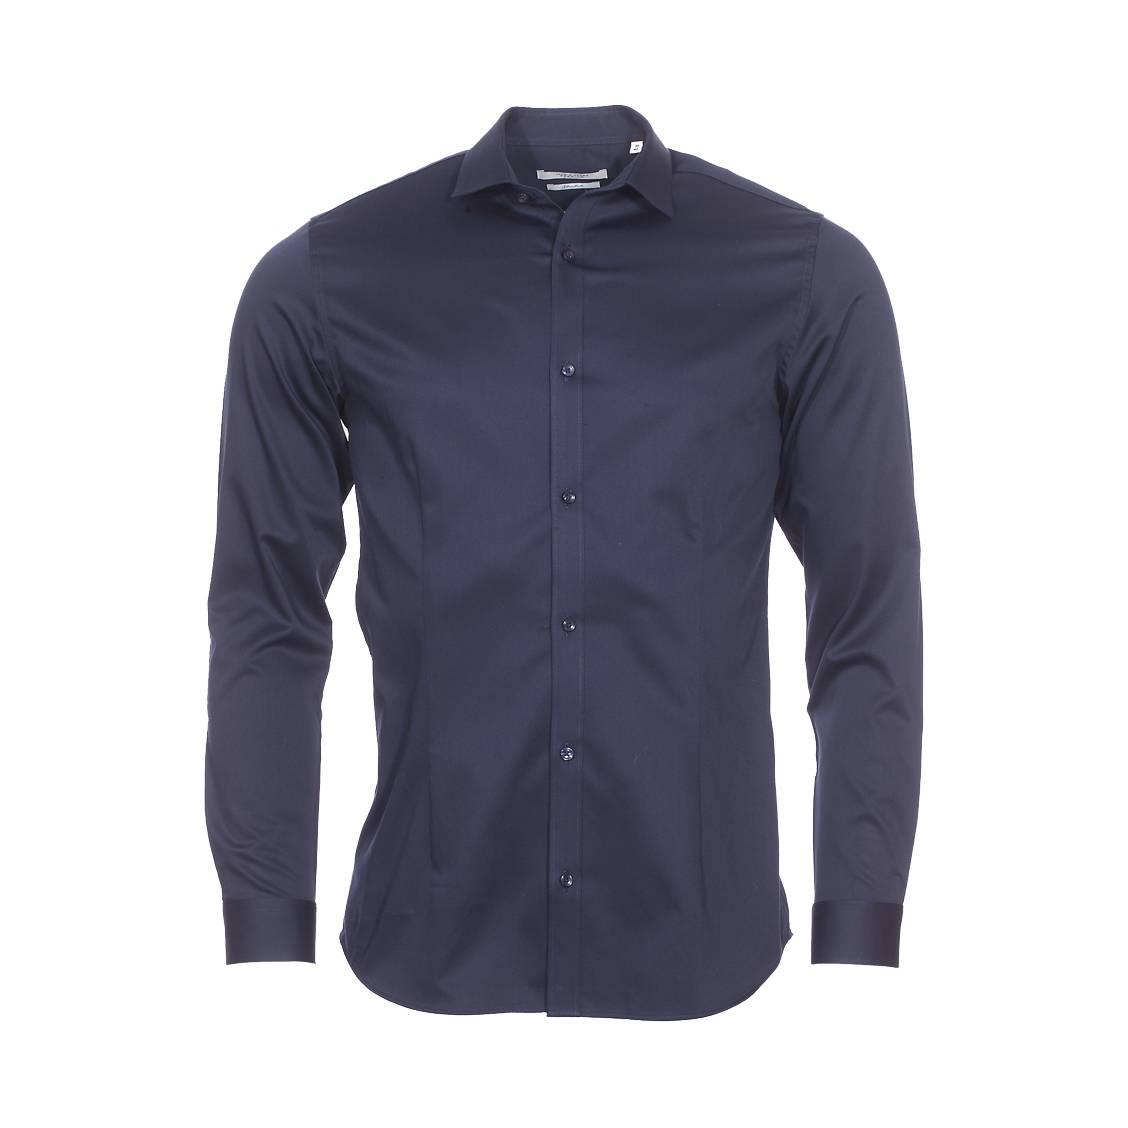 Chemise cintrée jack & jones premium parma en coton stretch bleu marine